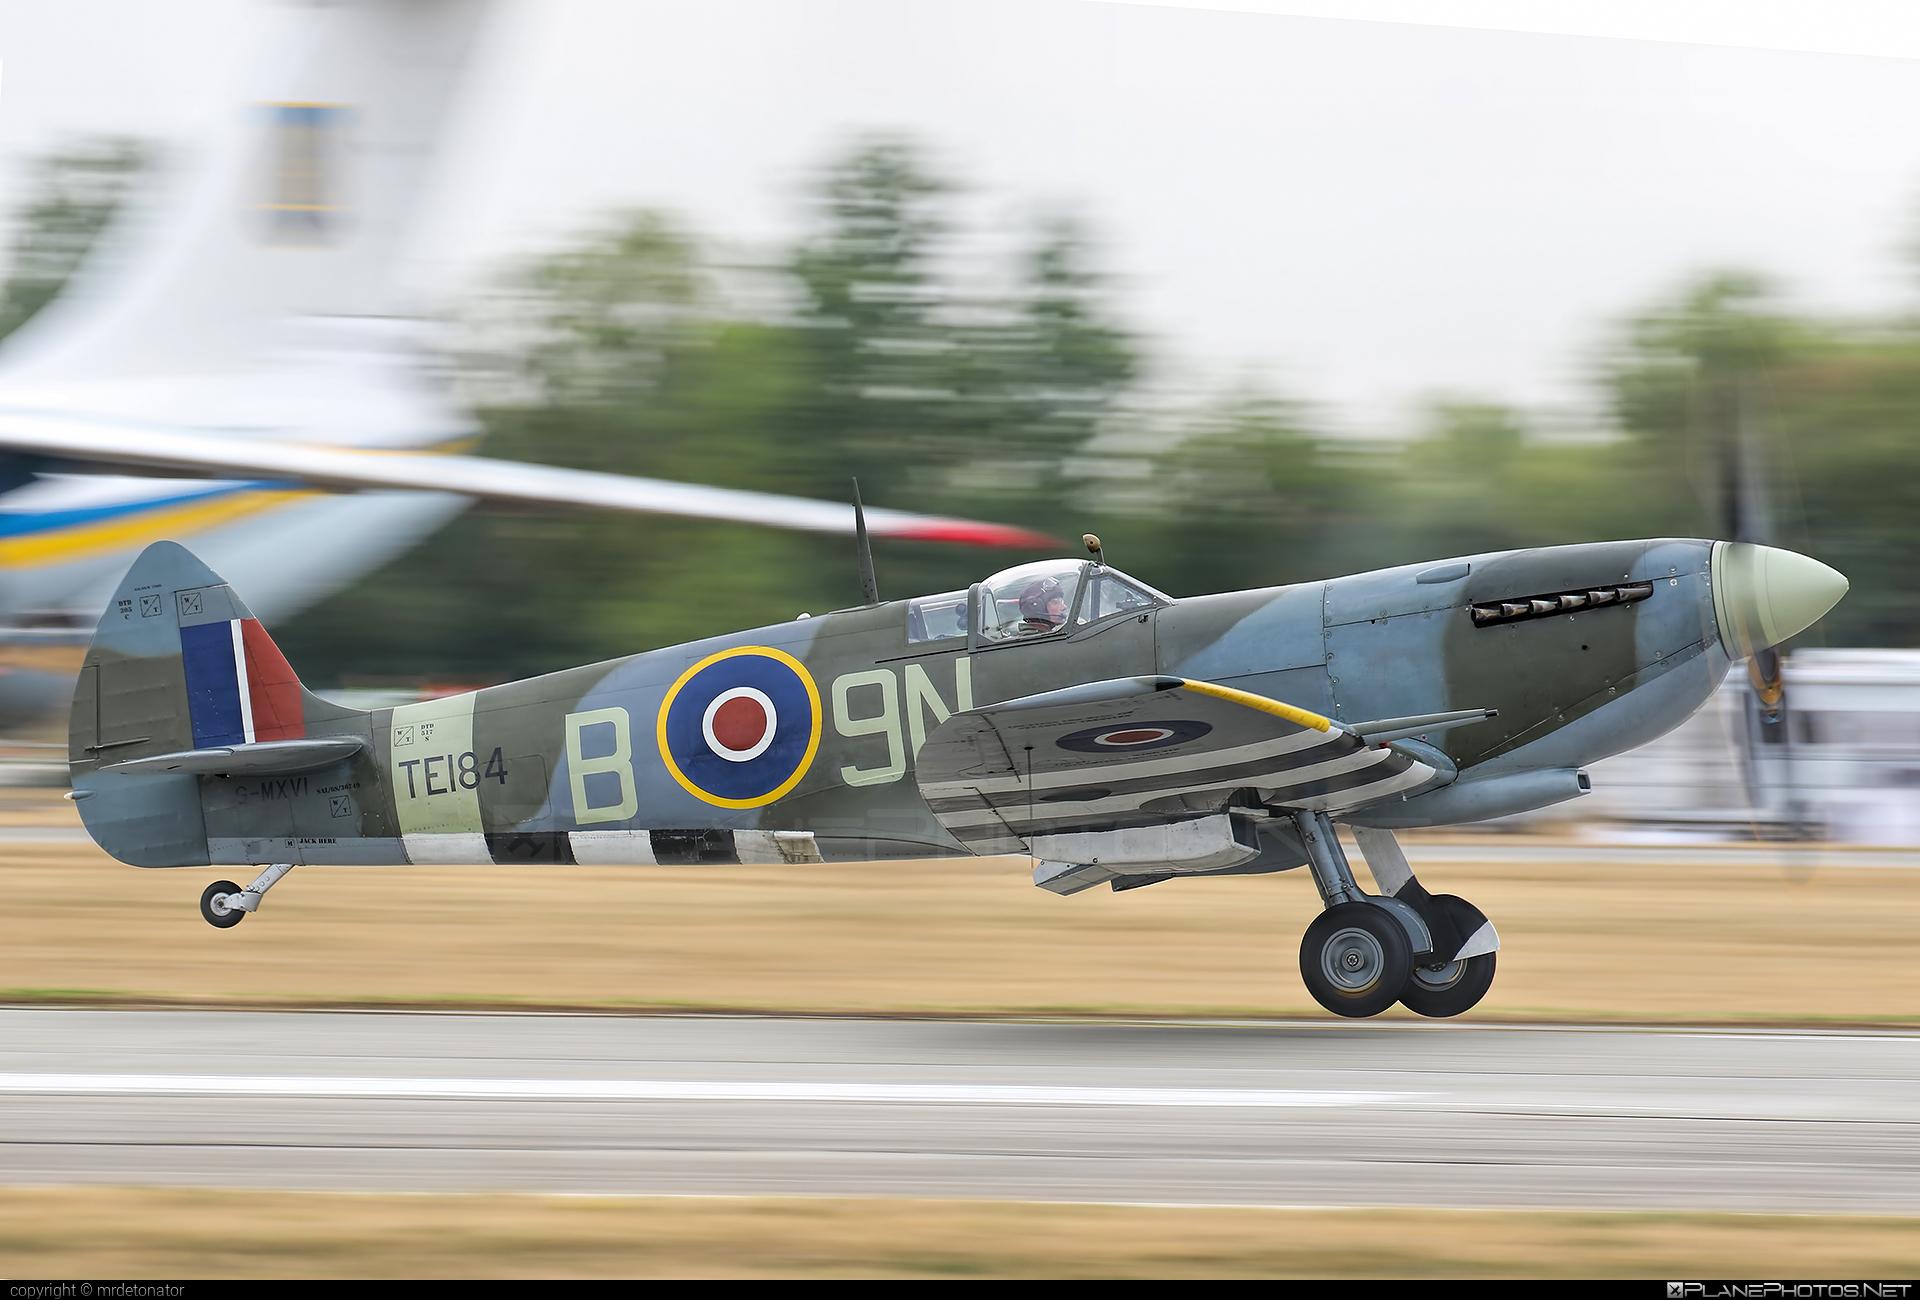 Supermarine Spitfire LF Mk.XVIe - G-MXVI operated by Private operator #ciaf2018 #spitfire #spitfirelfmkxvie #supermarine